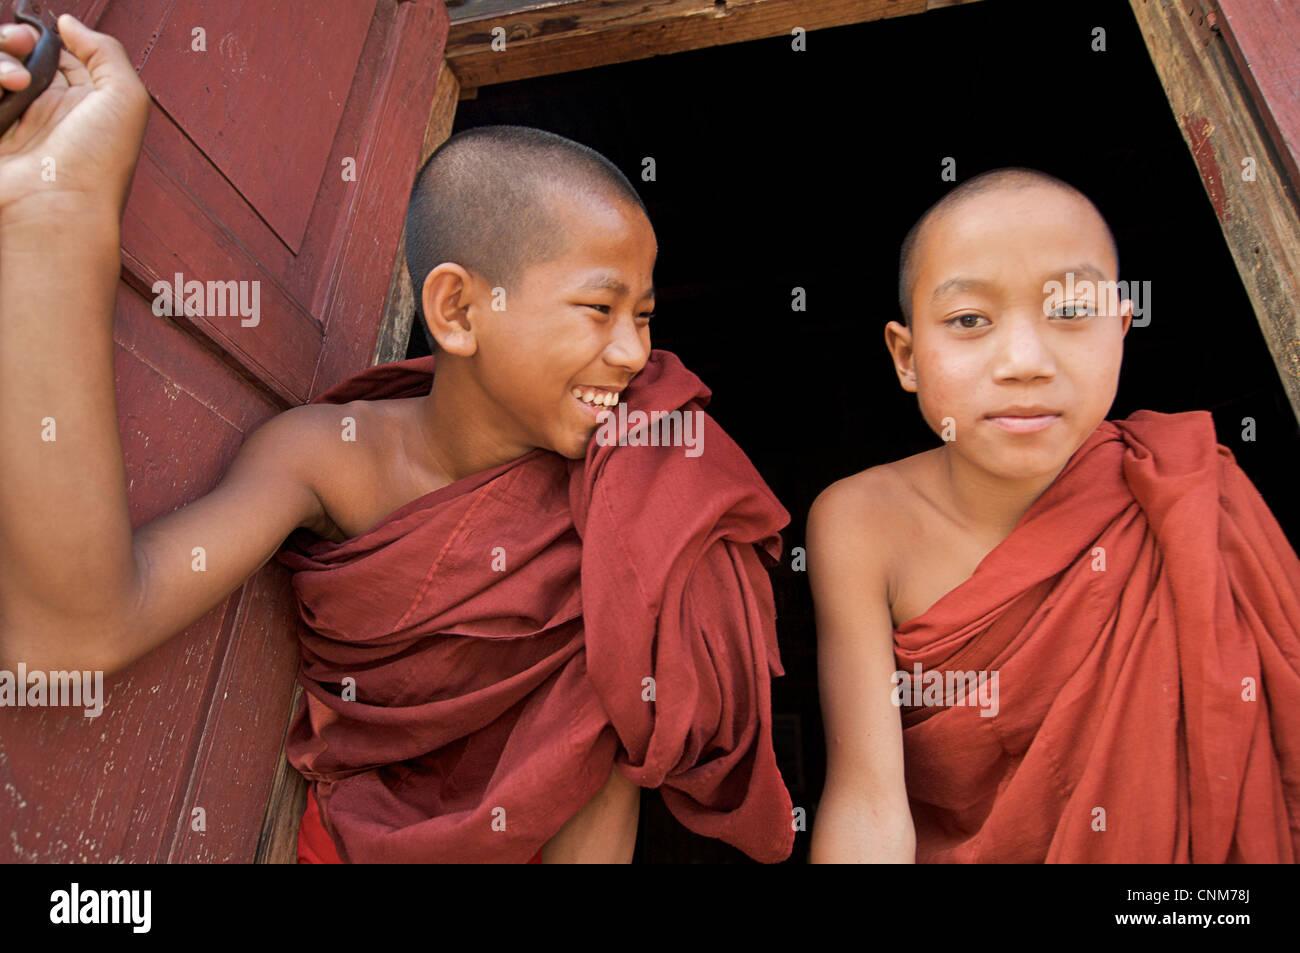 Les moines bouddhistes en quarts de fenêtre, Kalaw Monastère, Birmanie Photo Stock